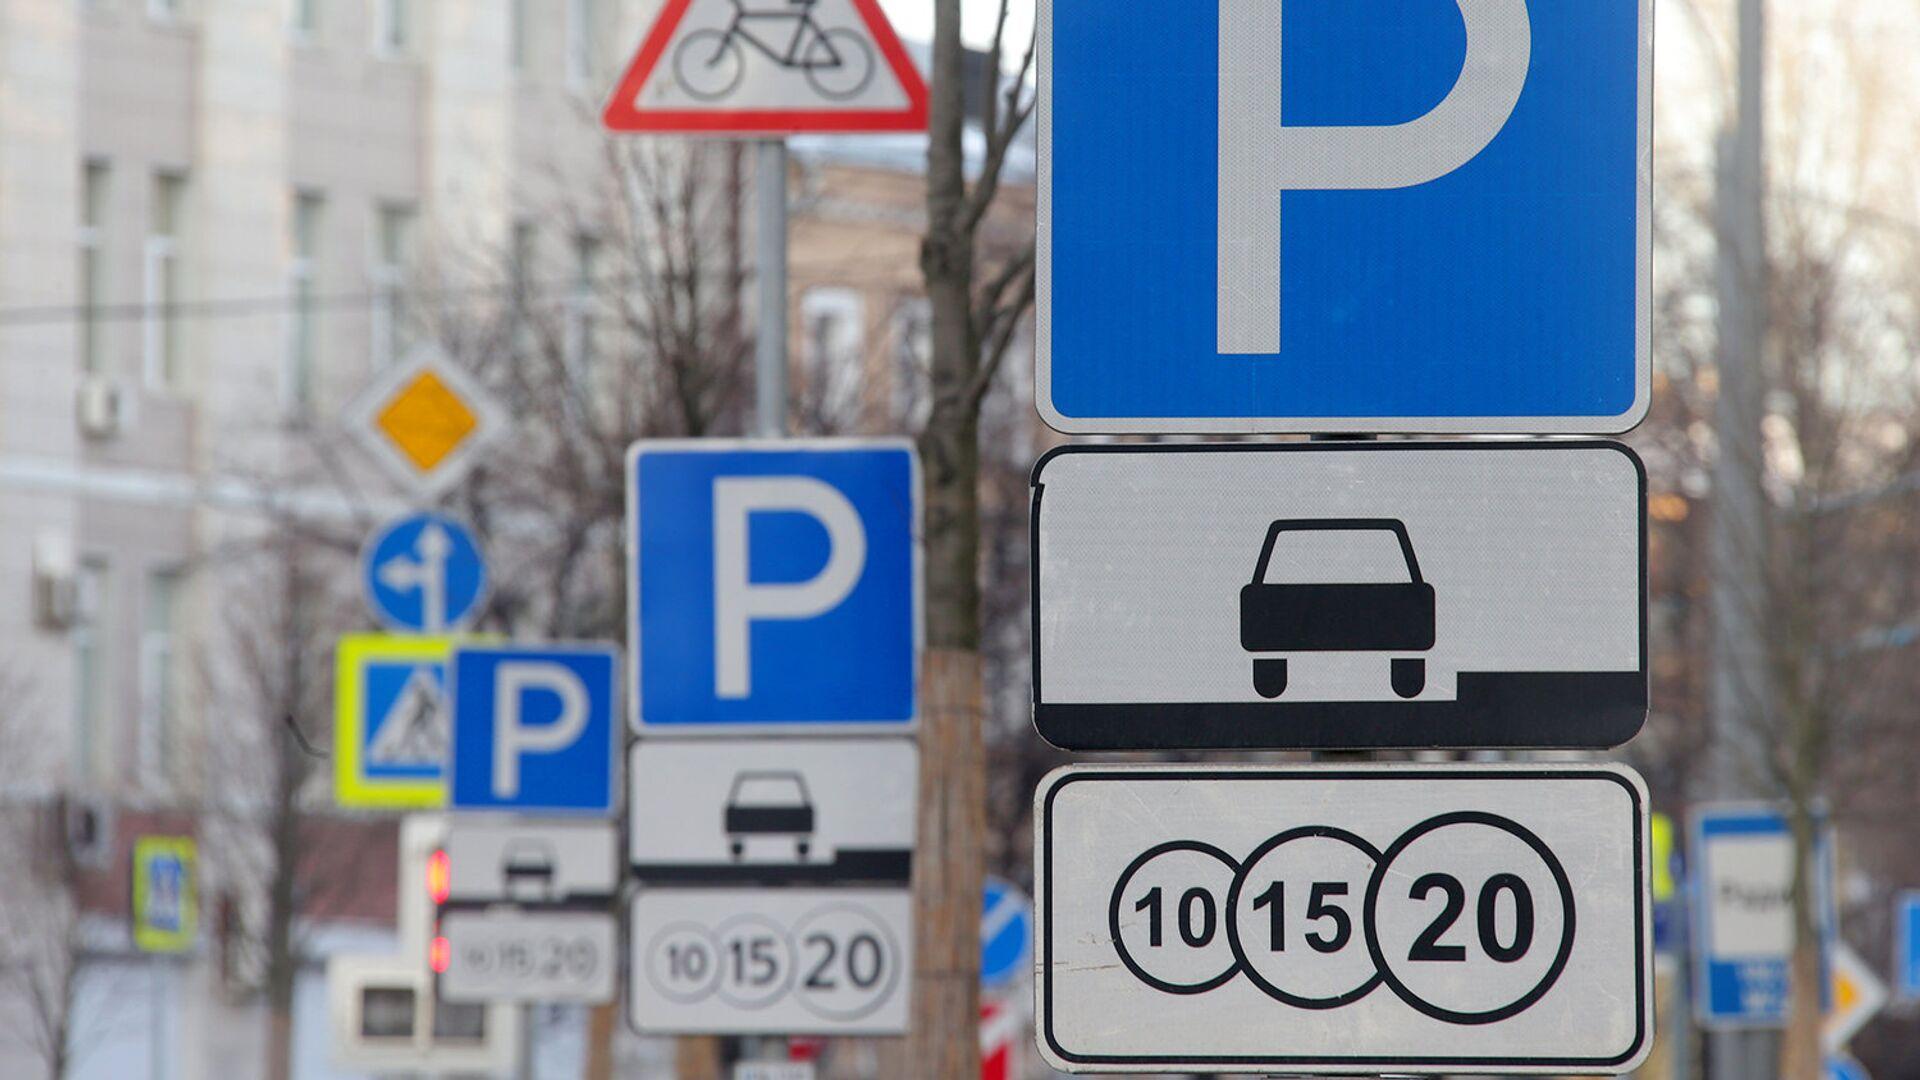 Знаки платной парковки в Москве - РИА Новости, 1920, 30.09.2020